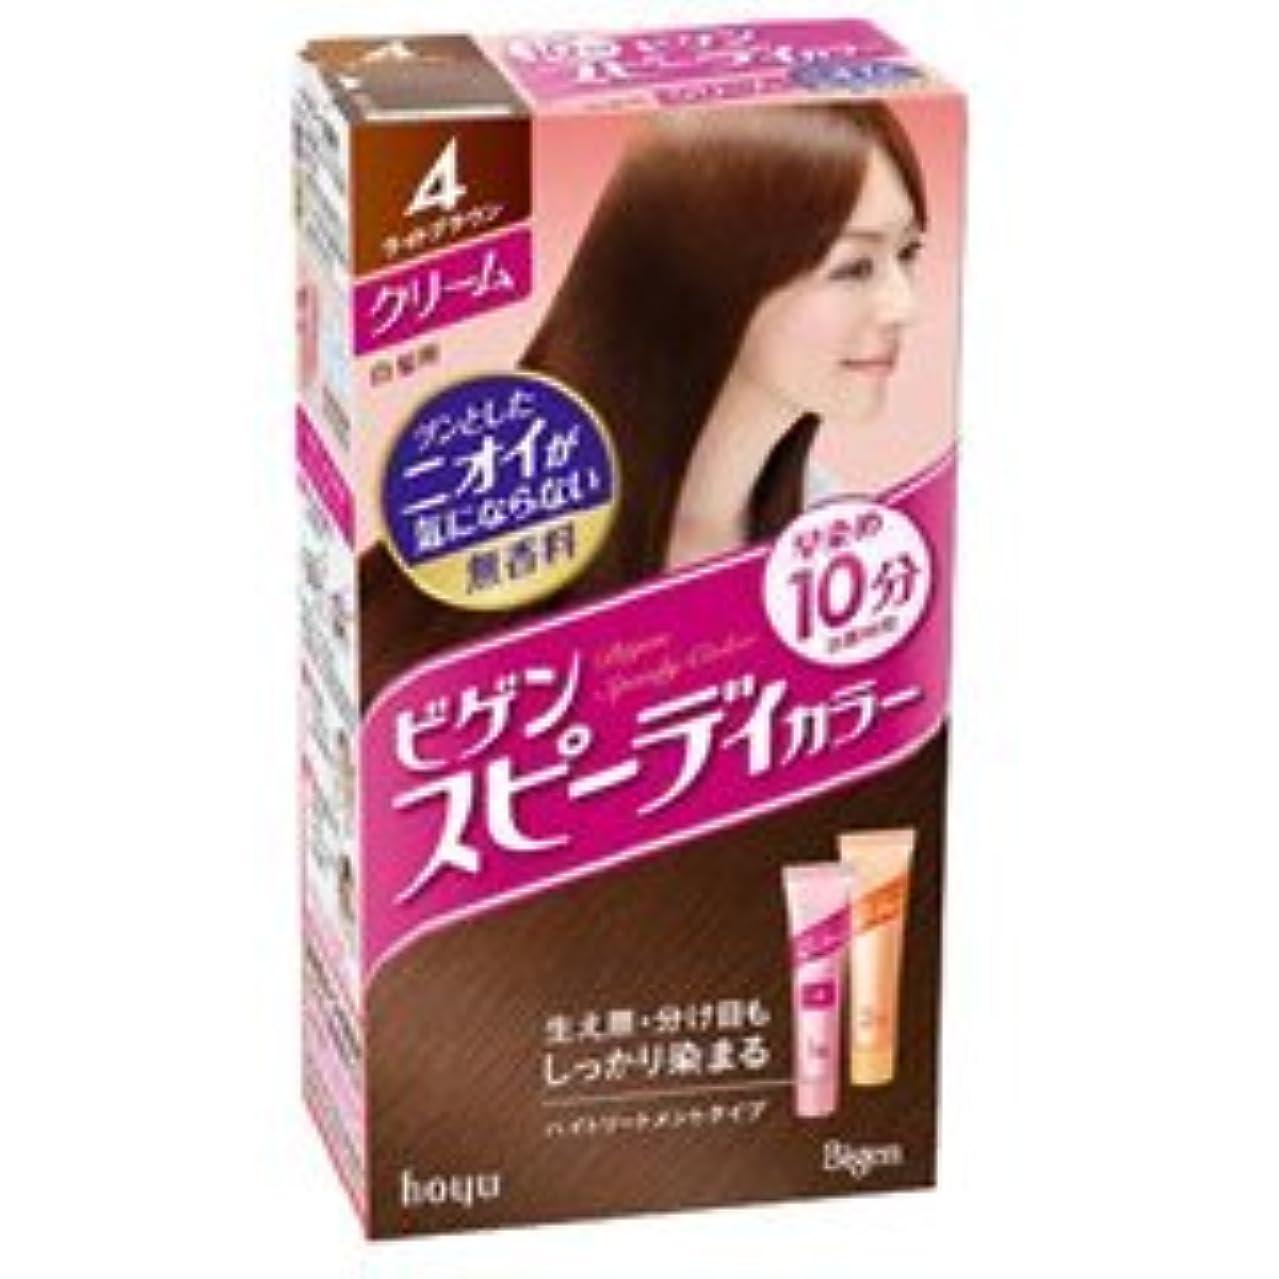 精緻化司書軽蔑【ホーユー】ビゲン スピーディカラー クリーム #4 ライトブラウン